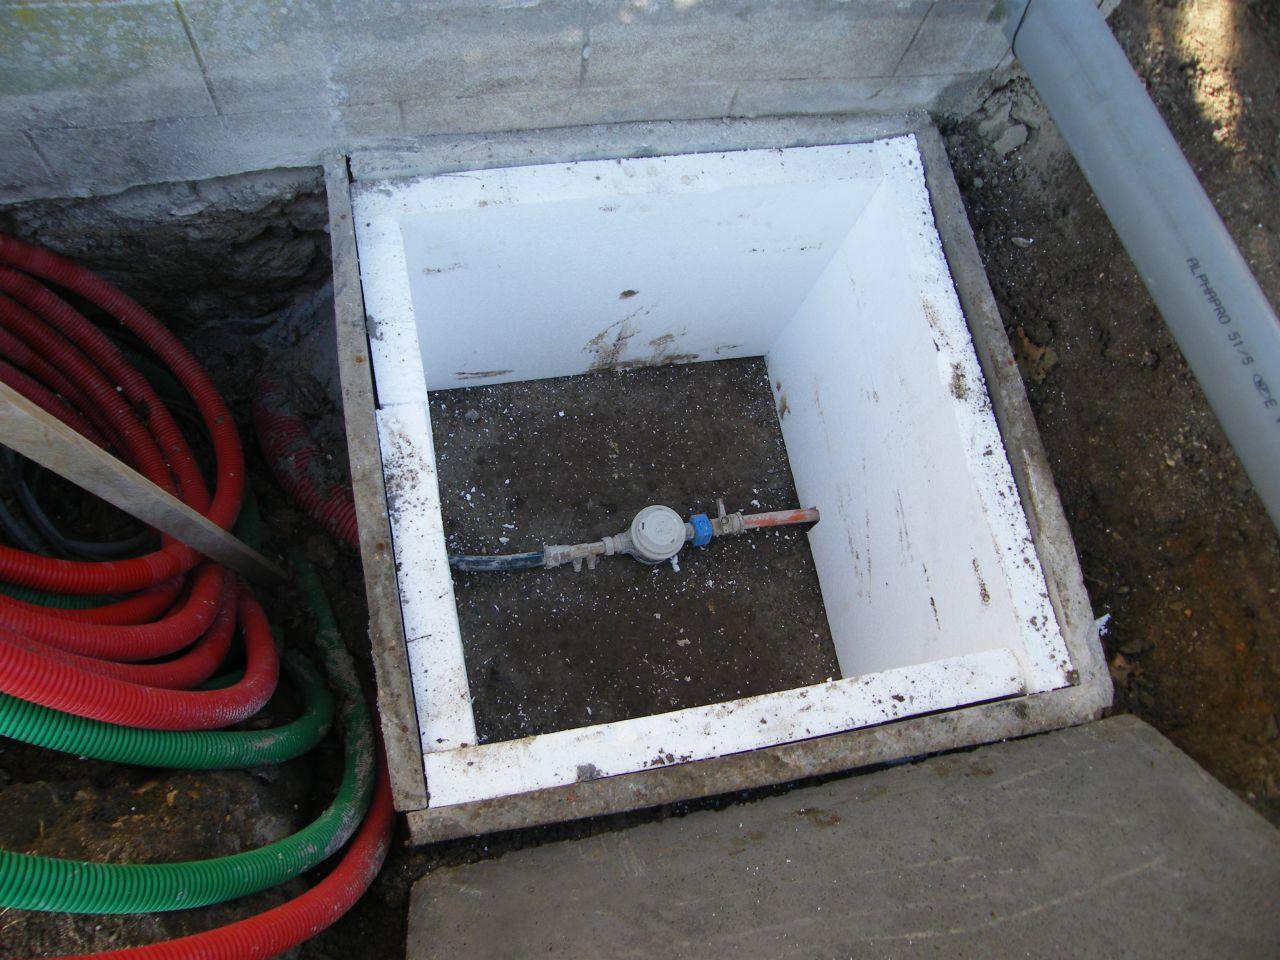 compteur d'eau déplacé.